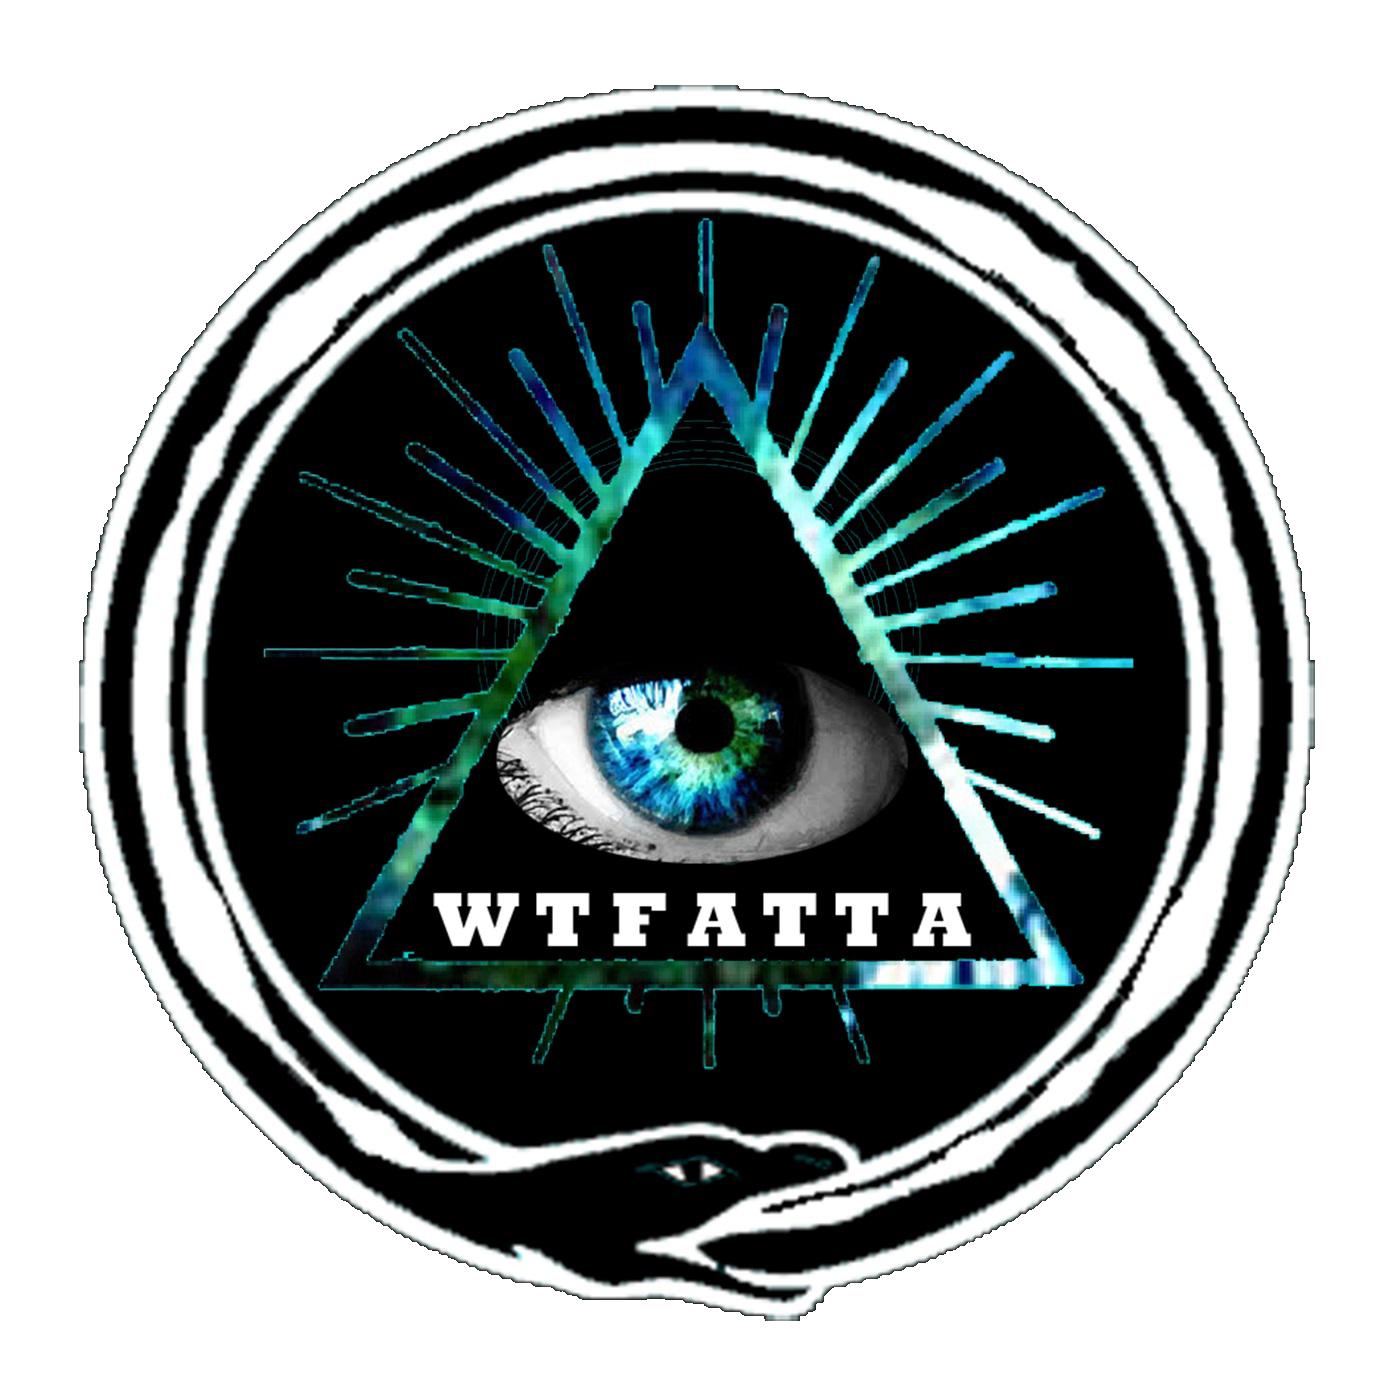 WTFATTA logo